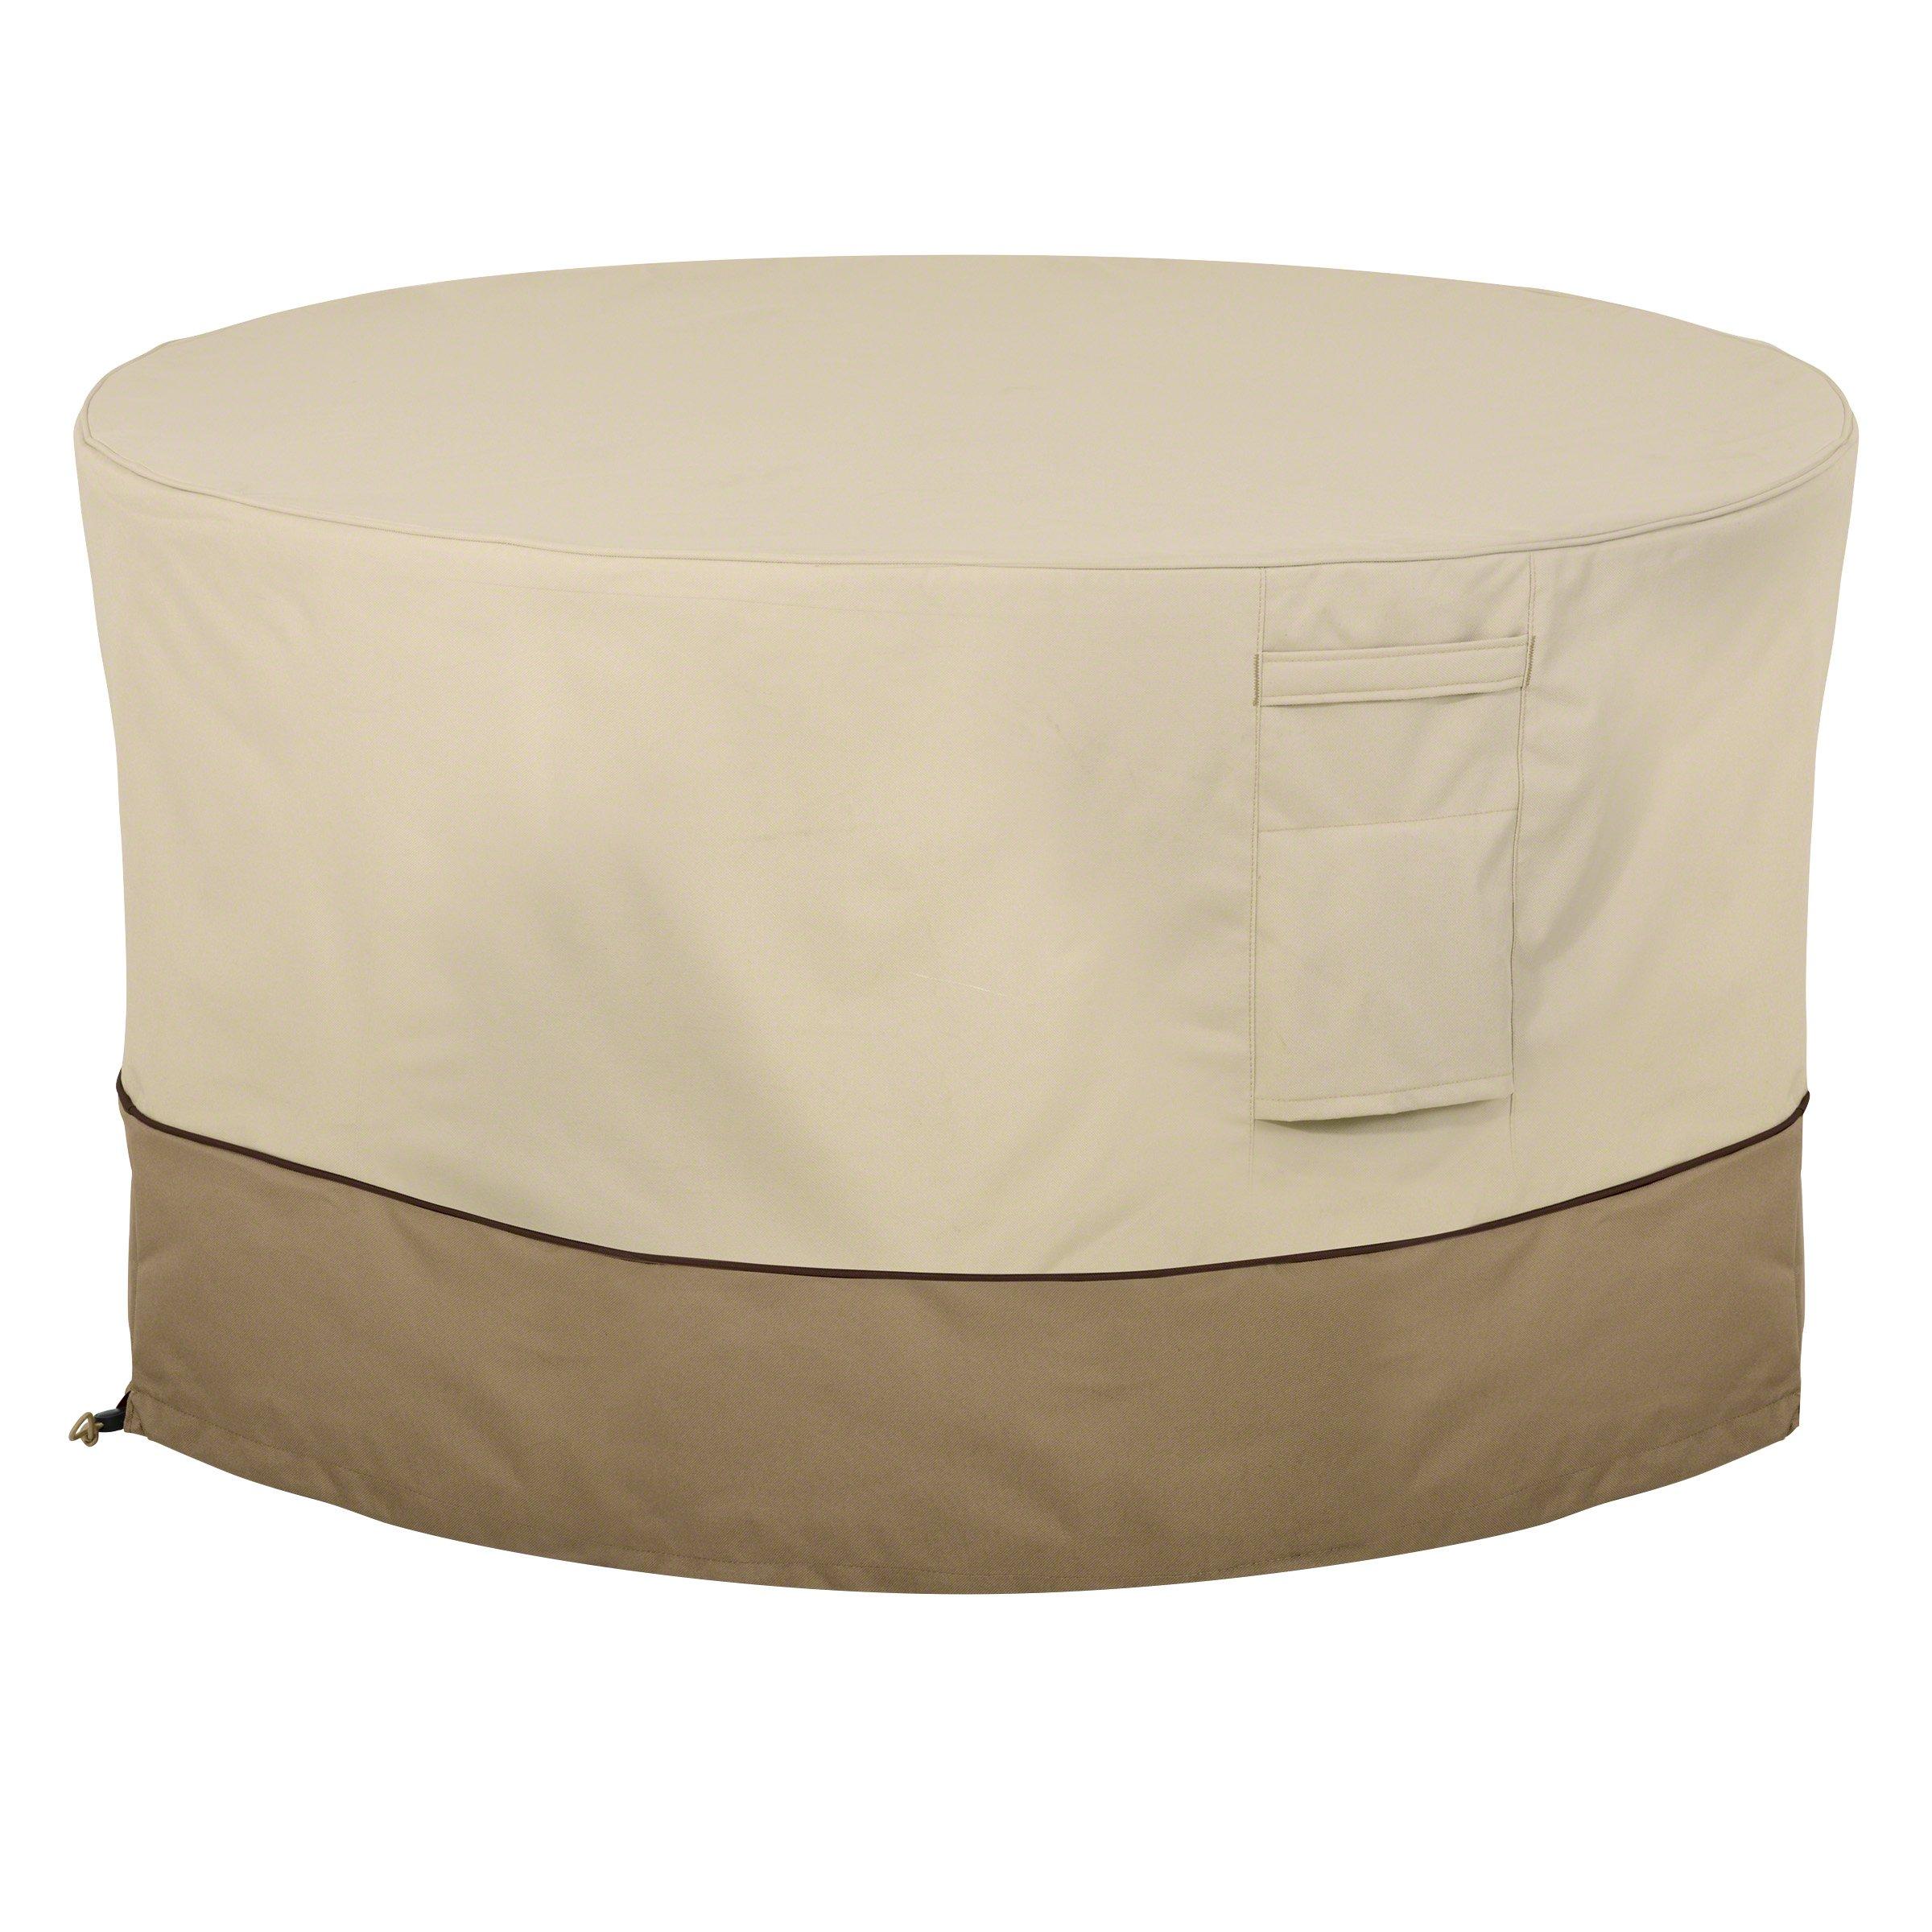 Classic Accessories 55-465-011501-00 Veranda Round Fire Pit/Table Cover, 42-Inch